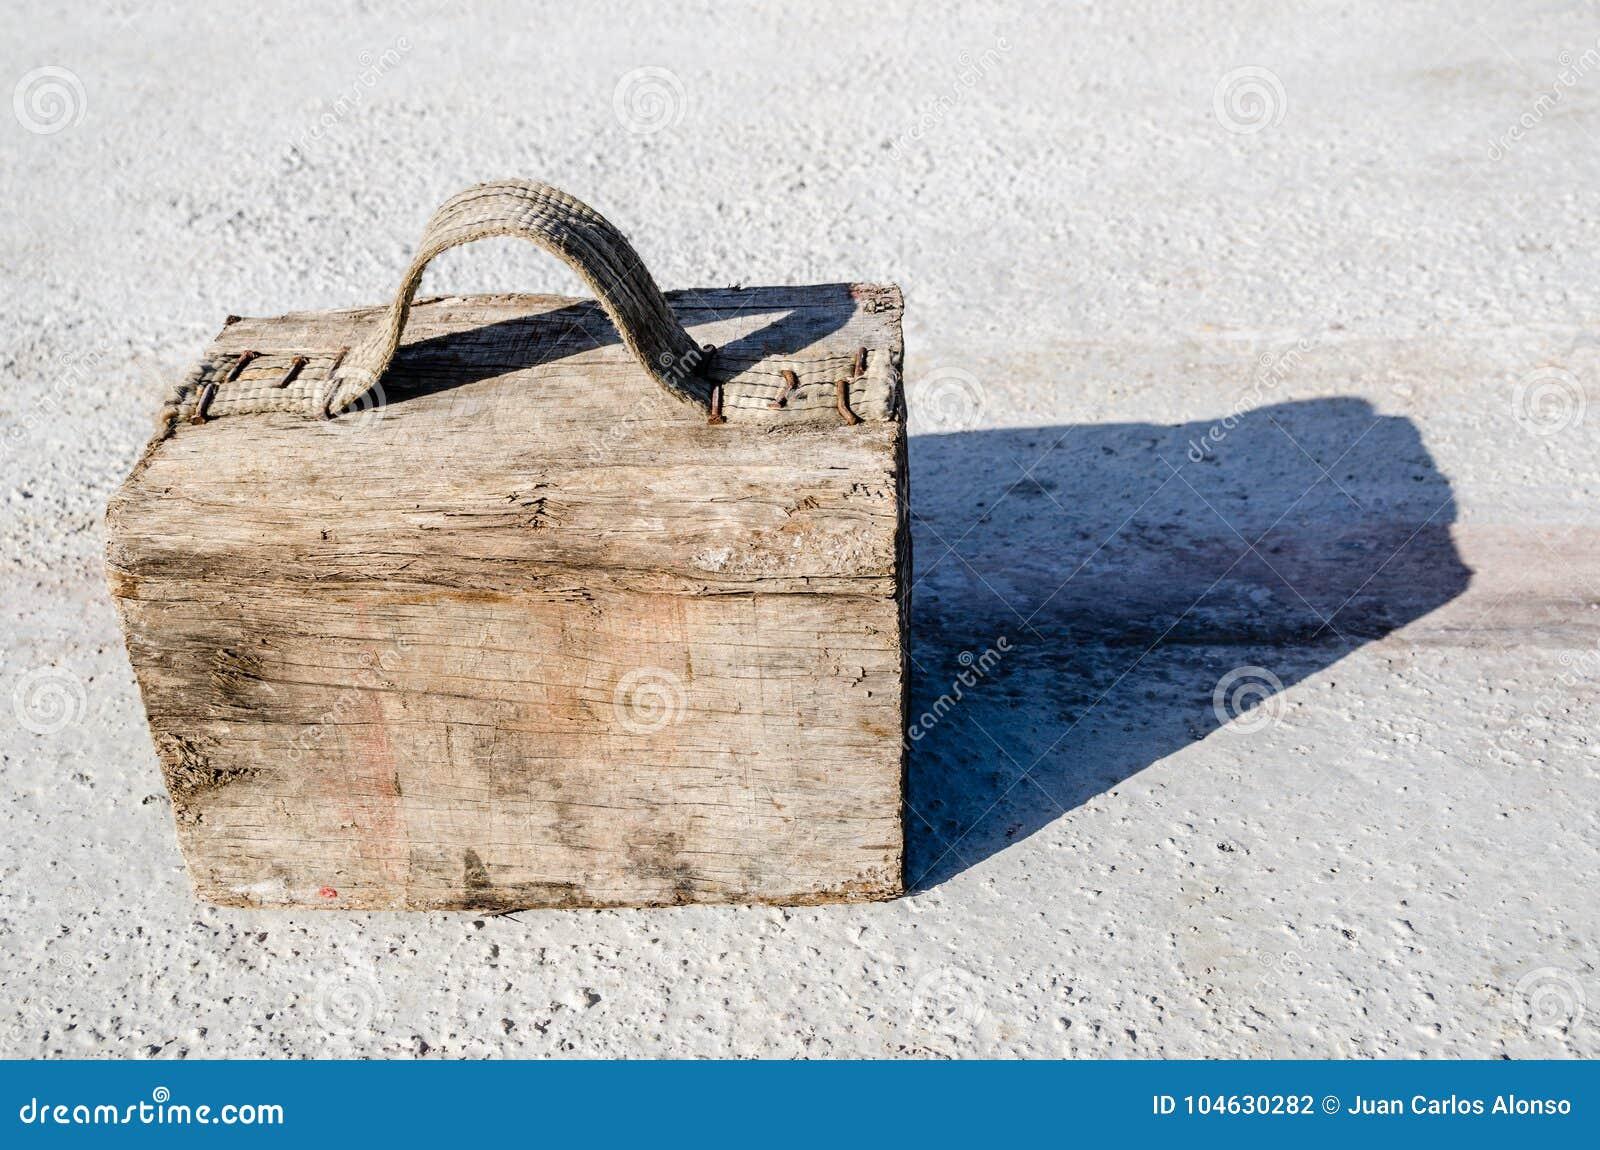 Download Het Valse Houten Geval Maakte Met Een Blok En Een Textielhandvat Vast Met Spijkers Stock Foto - Afbeelding bestaande uit blok, nana: 104630282